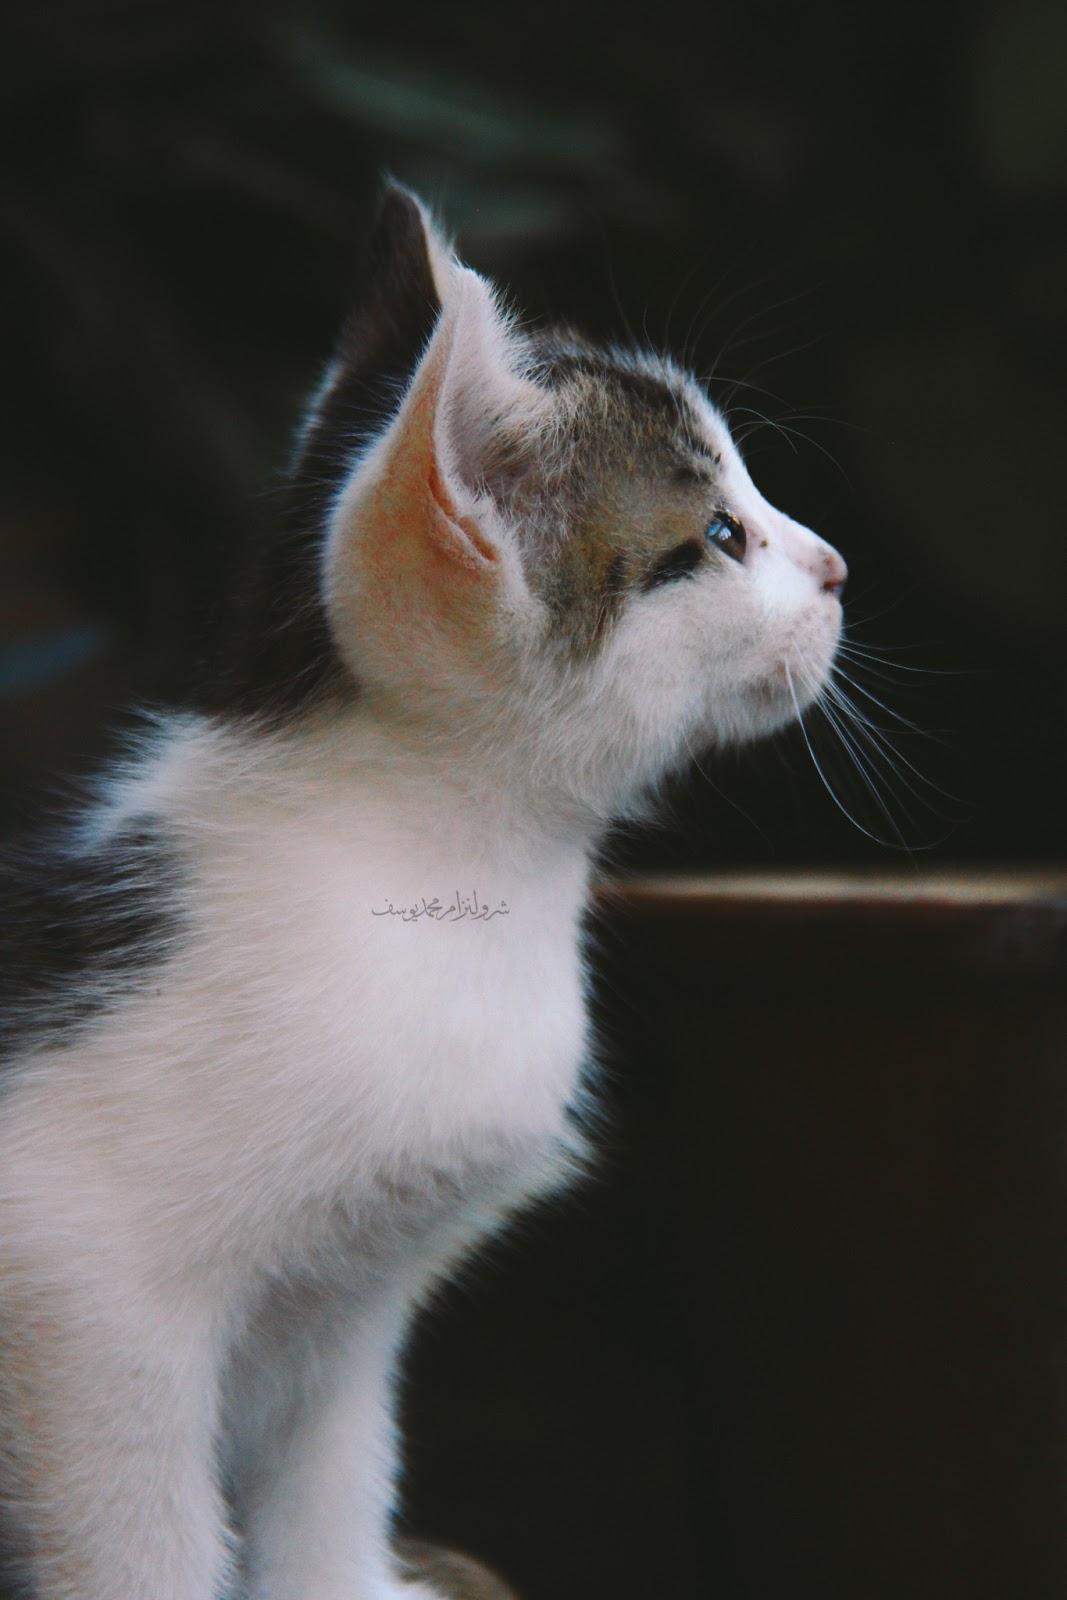 Gambar Anak Kucing Yang Comel Dan Riang - 2